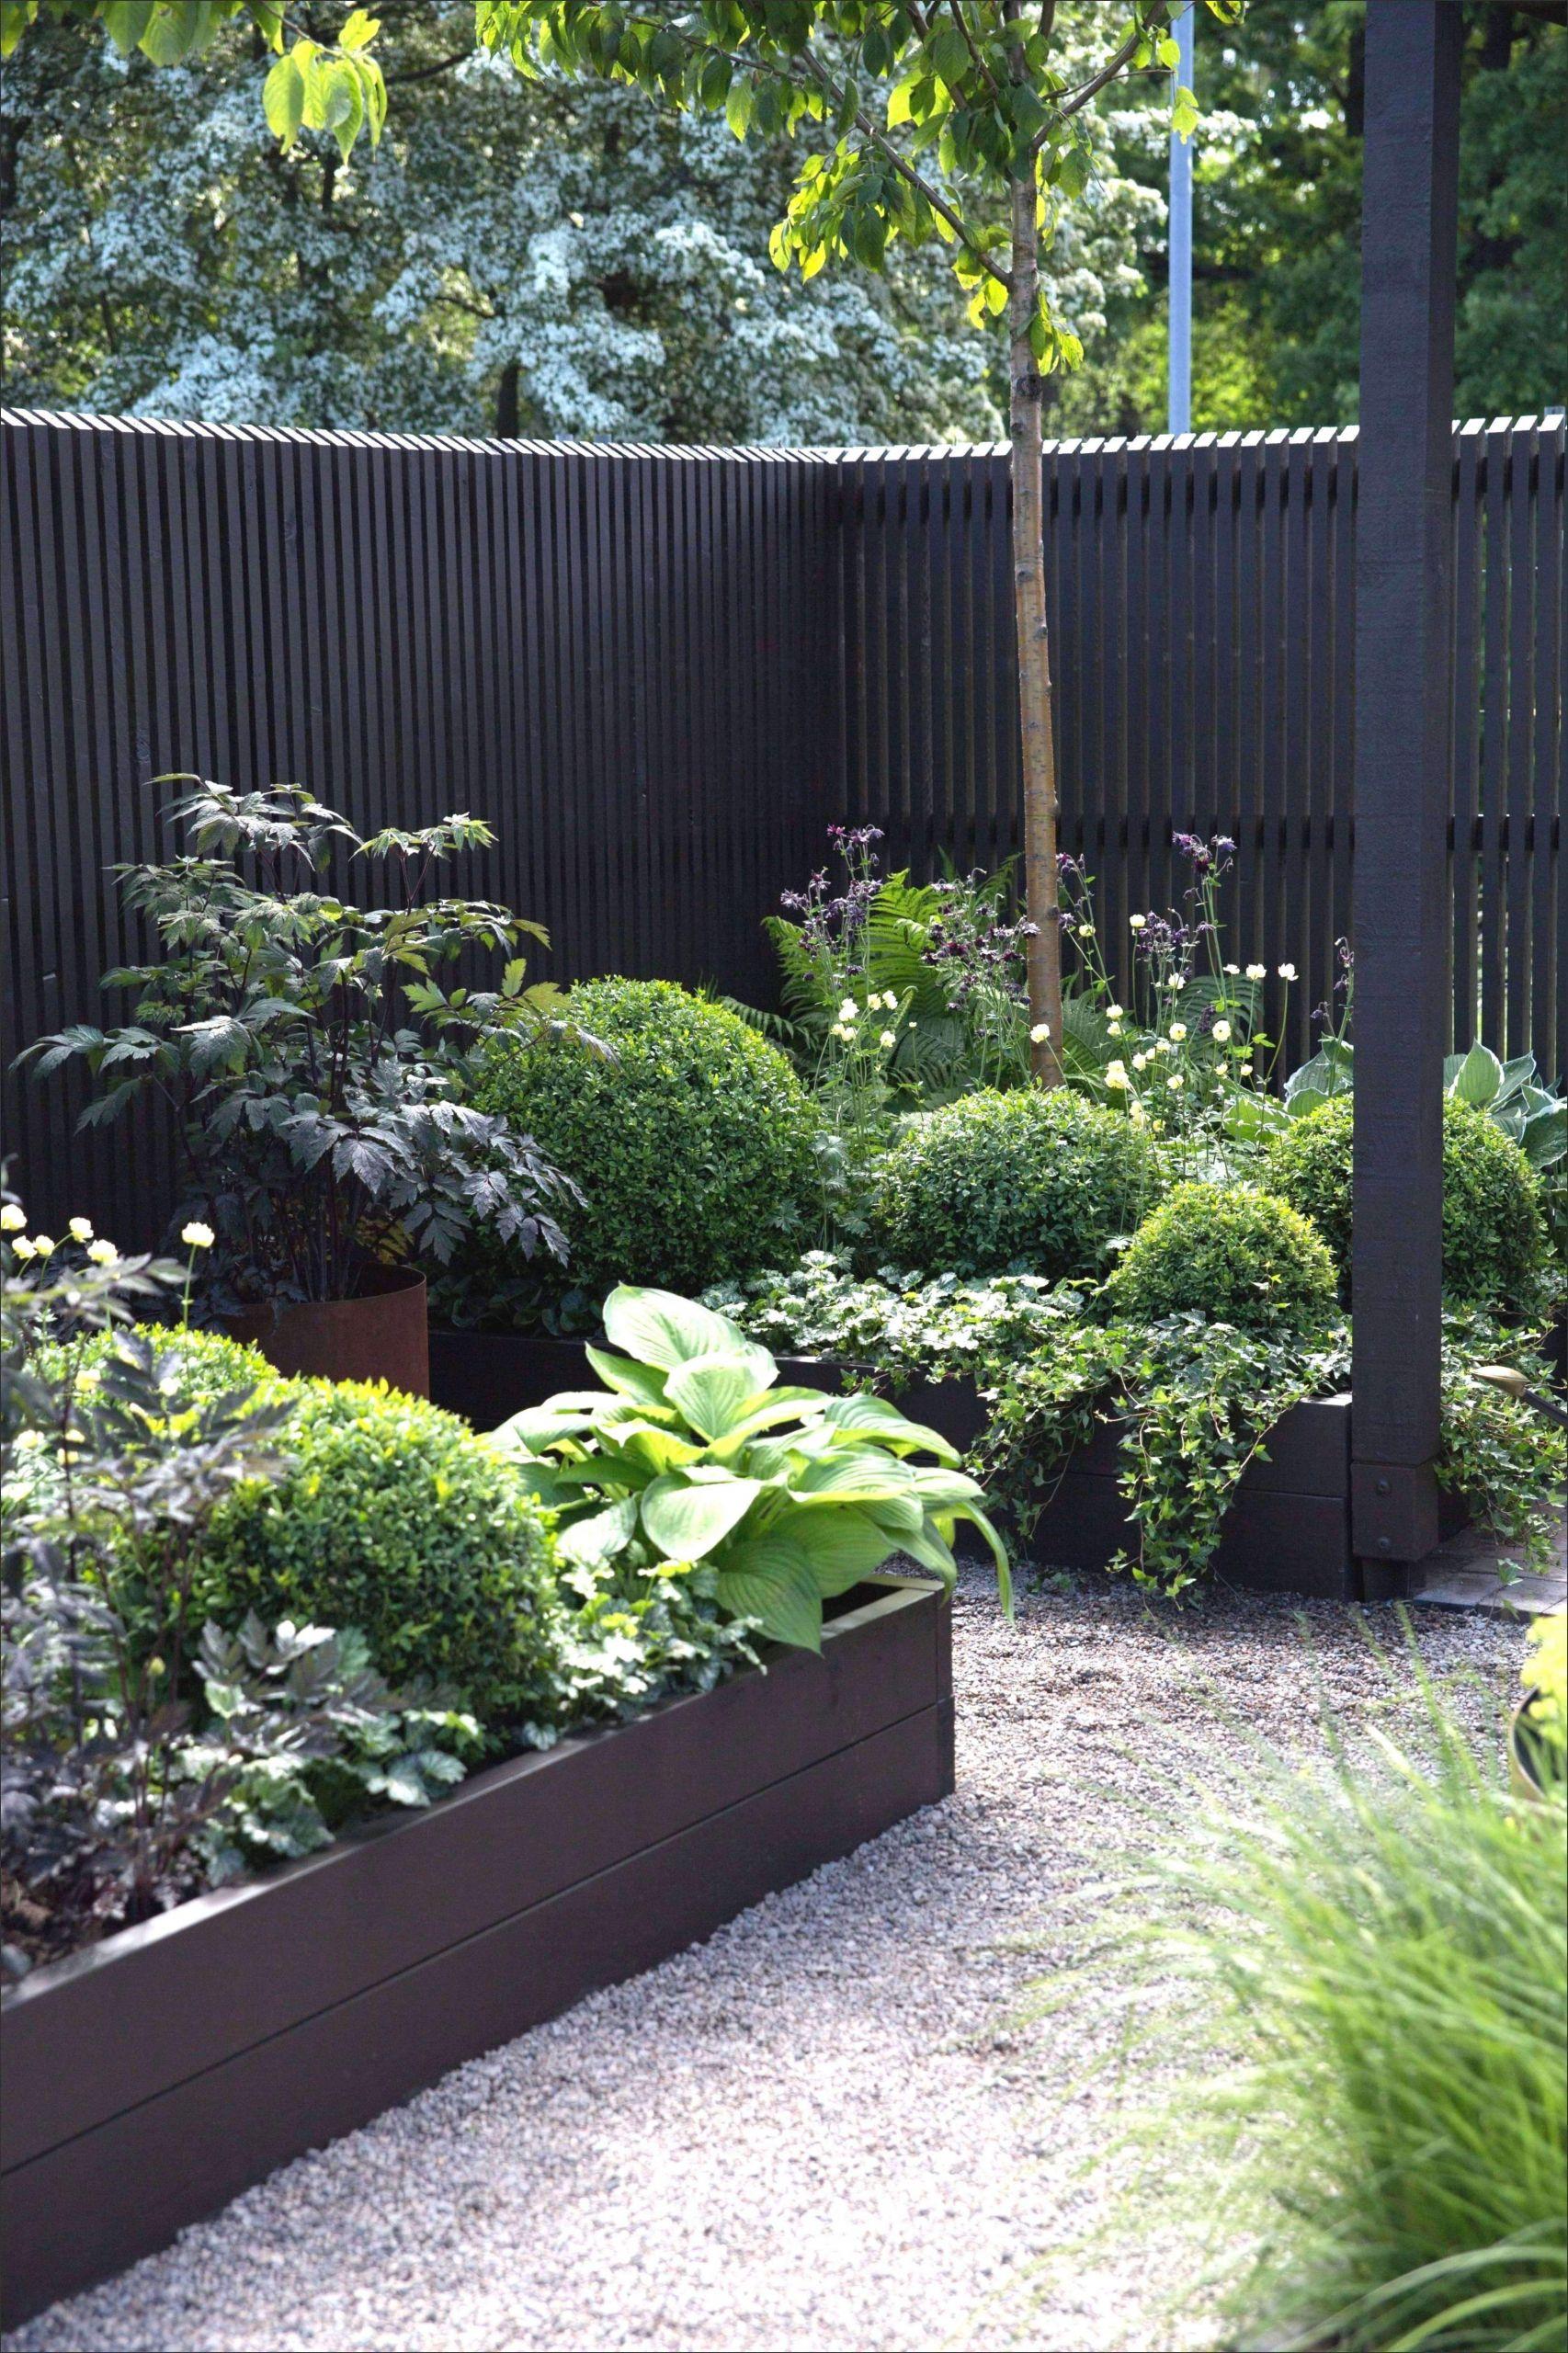 naturnaher garten pflegeleicht anlegen neu vorgarten gestalten nordseite temobardz home blog of naturnaher garten pflegeleicht anlegen scaled